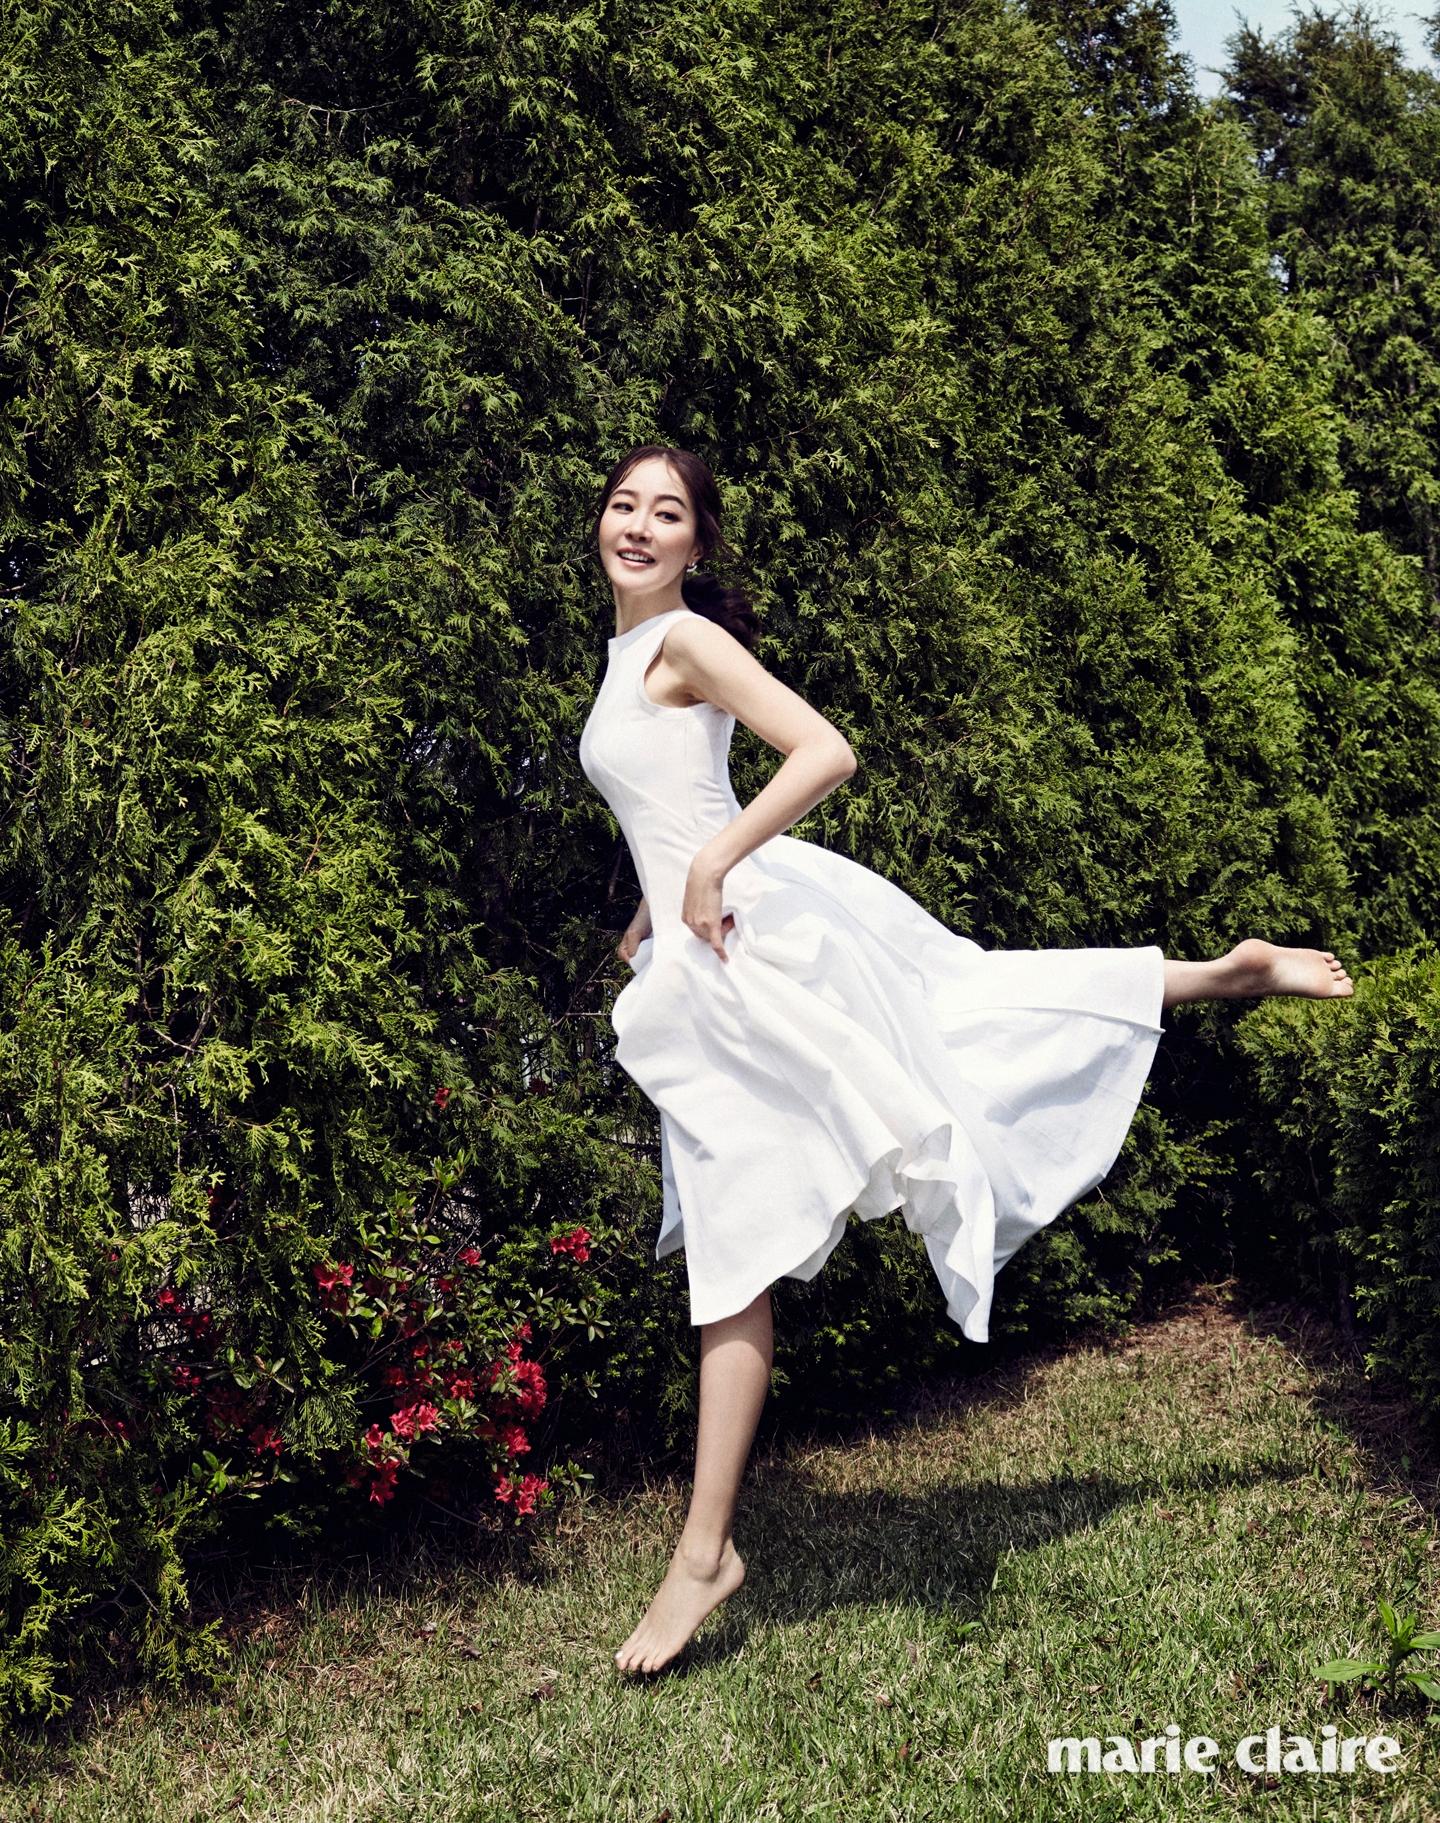 화이트 코튼 드레스 디올(Dior), 크리스털이 귓불을 감싸는 이어링 수엘(Suel).